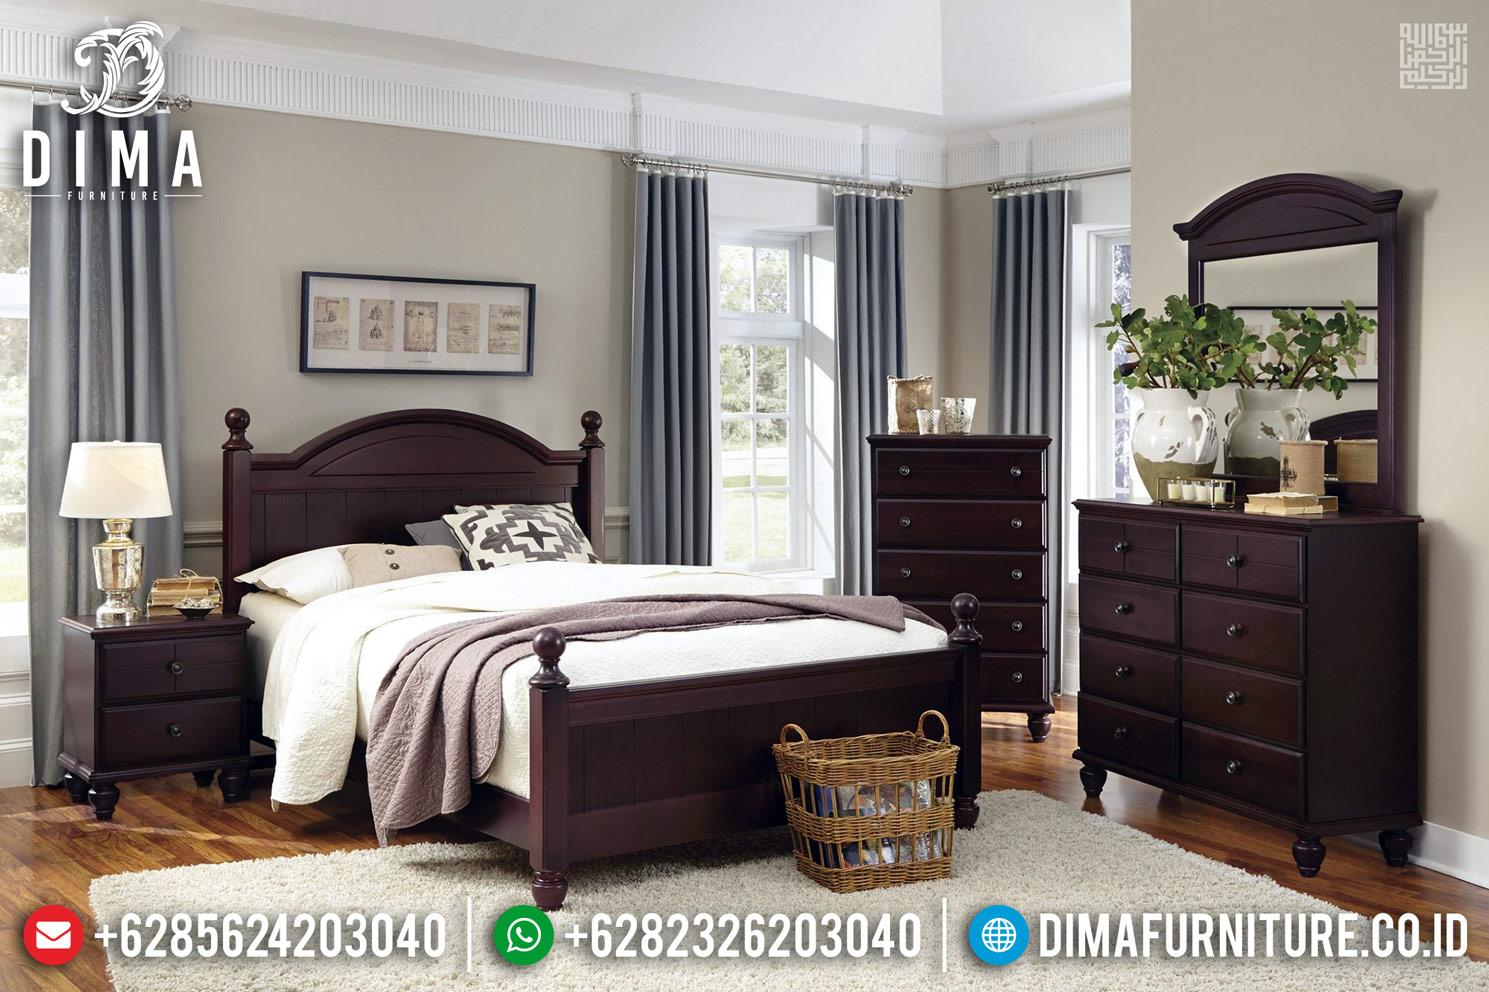 Harga Discount!!! Tempat Tidur Jati Minimalis Jepara Terlaris TTJ-0265